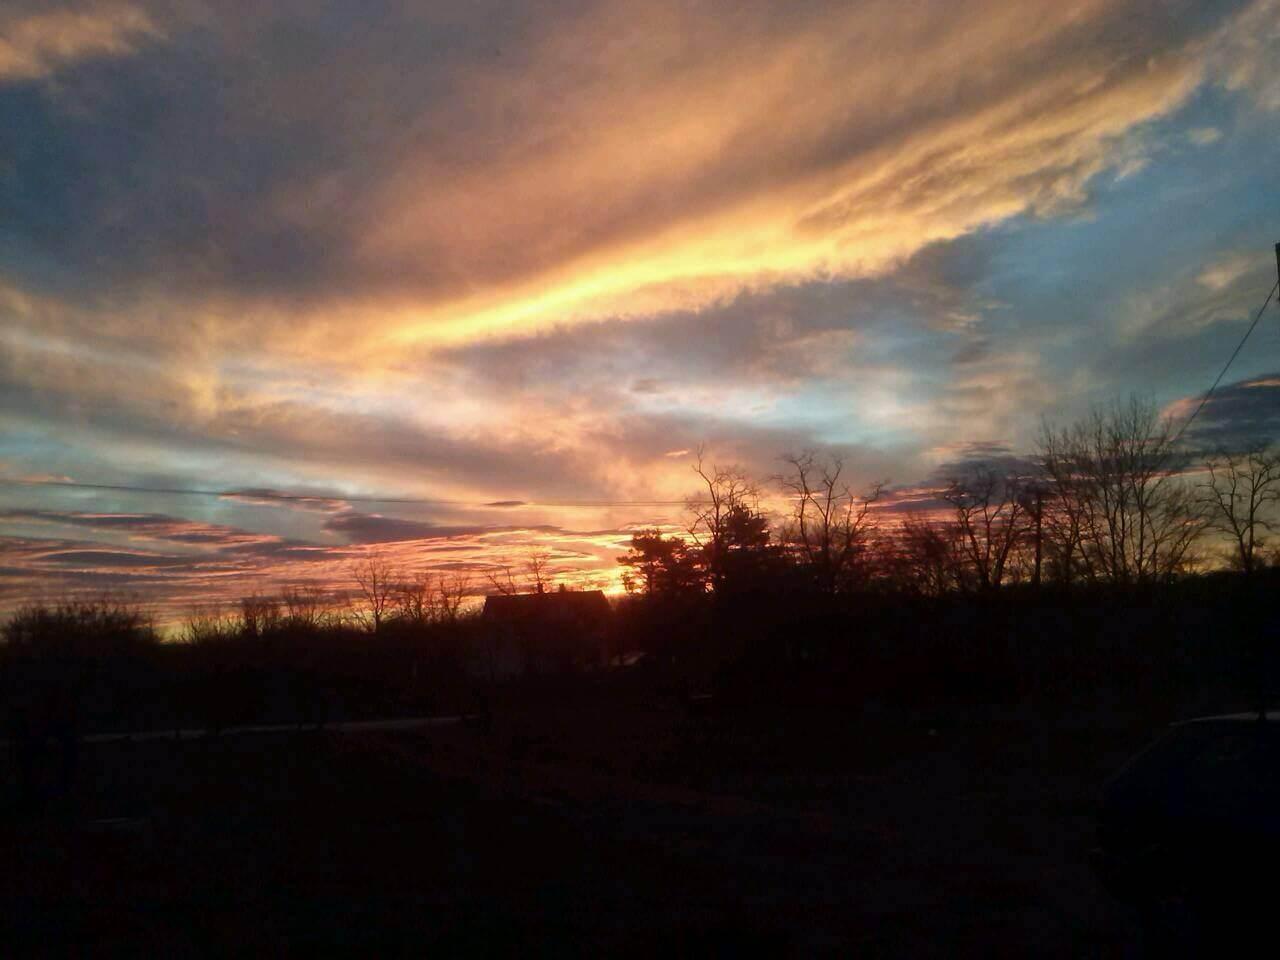 Izlazak sunca kod Uba - 12. dec (Foto: Djurdjica Opačić Rajic)